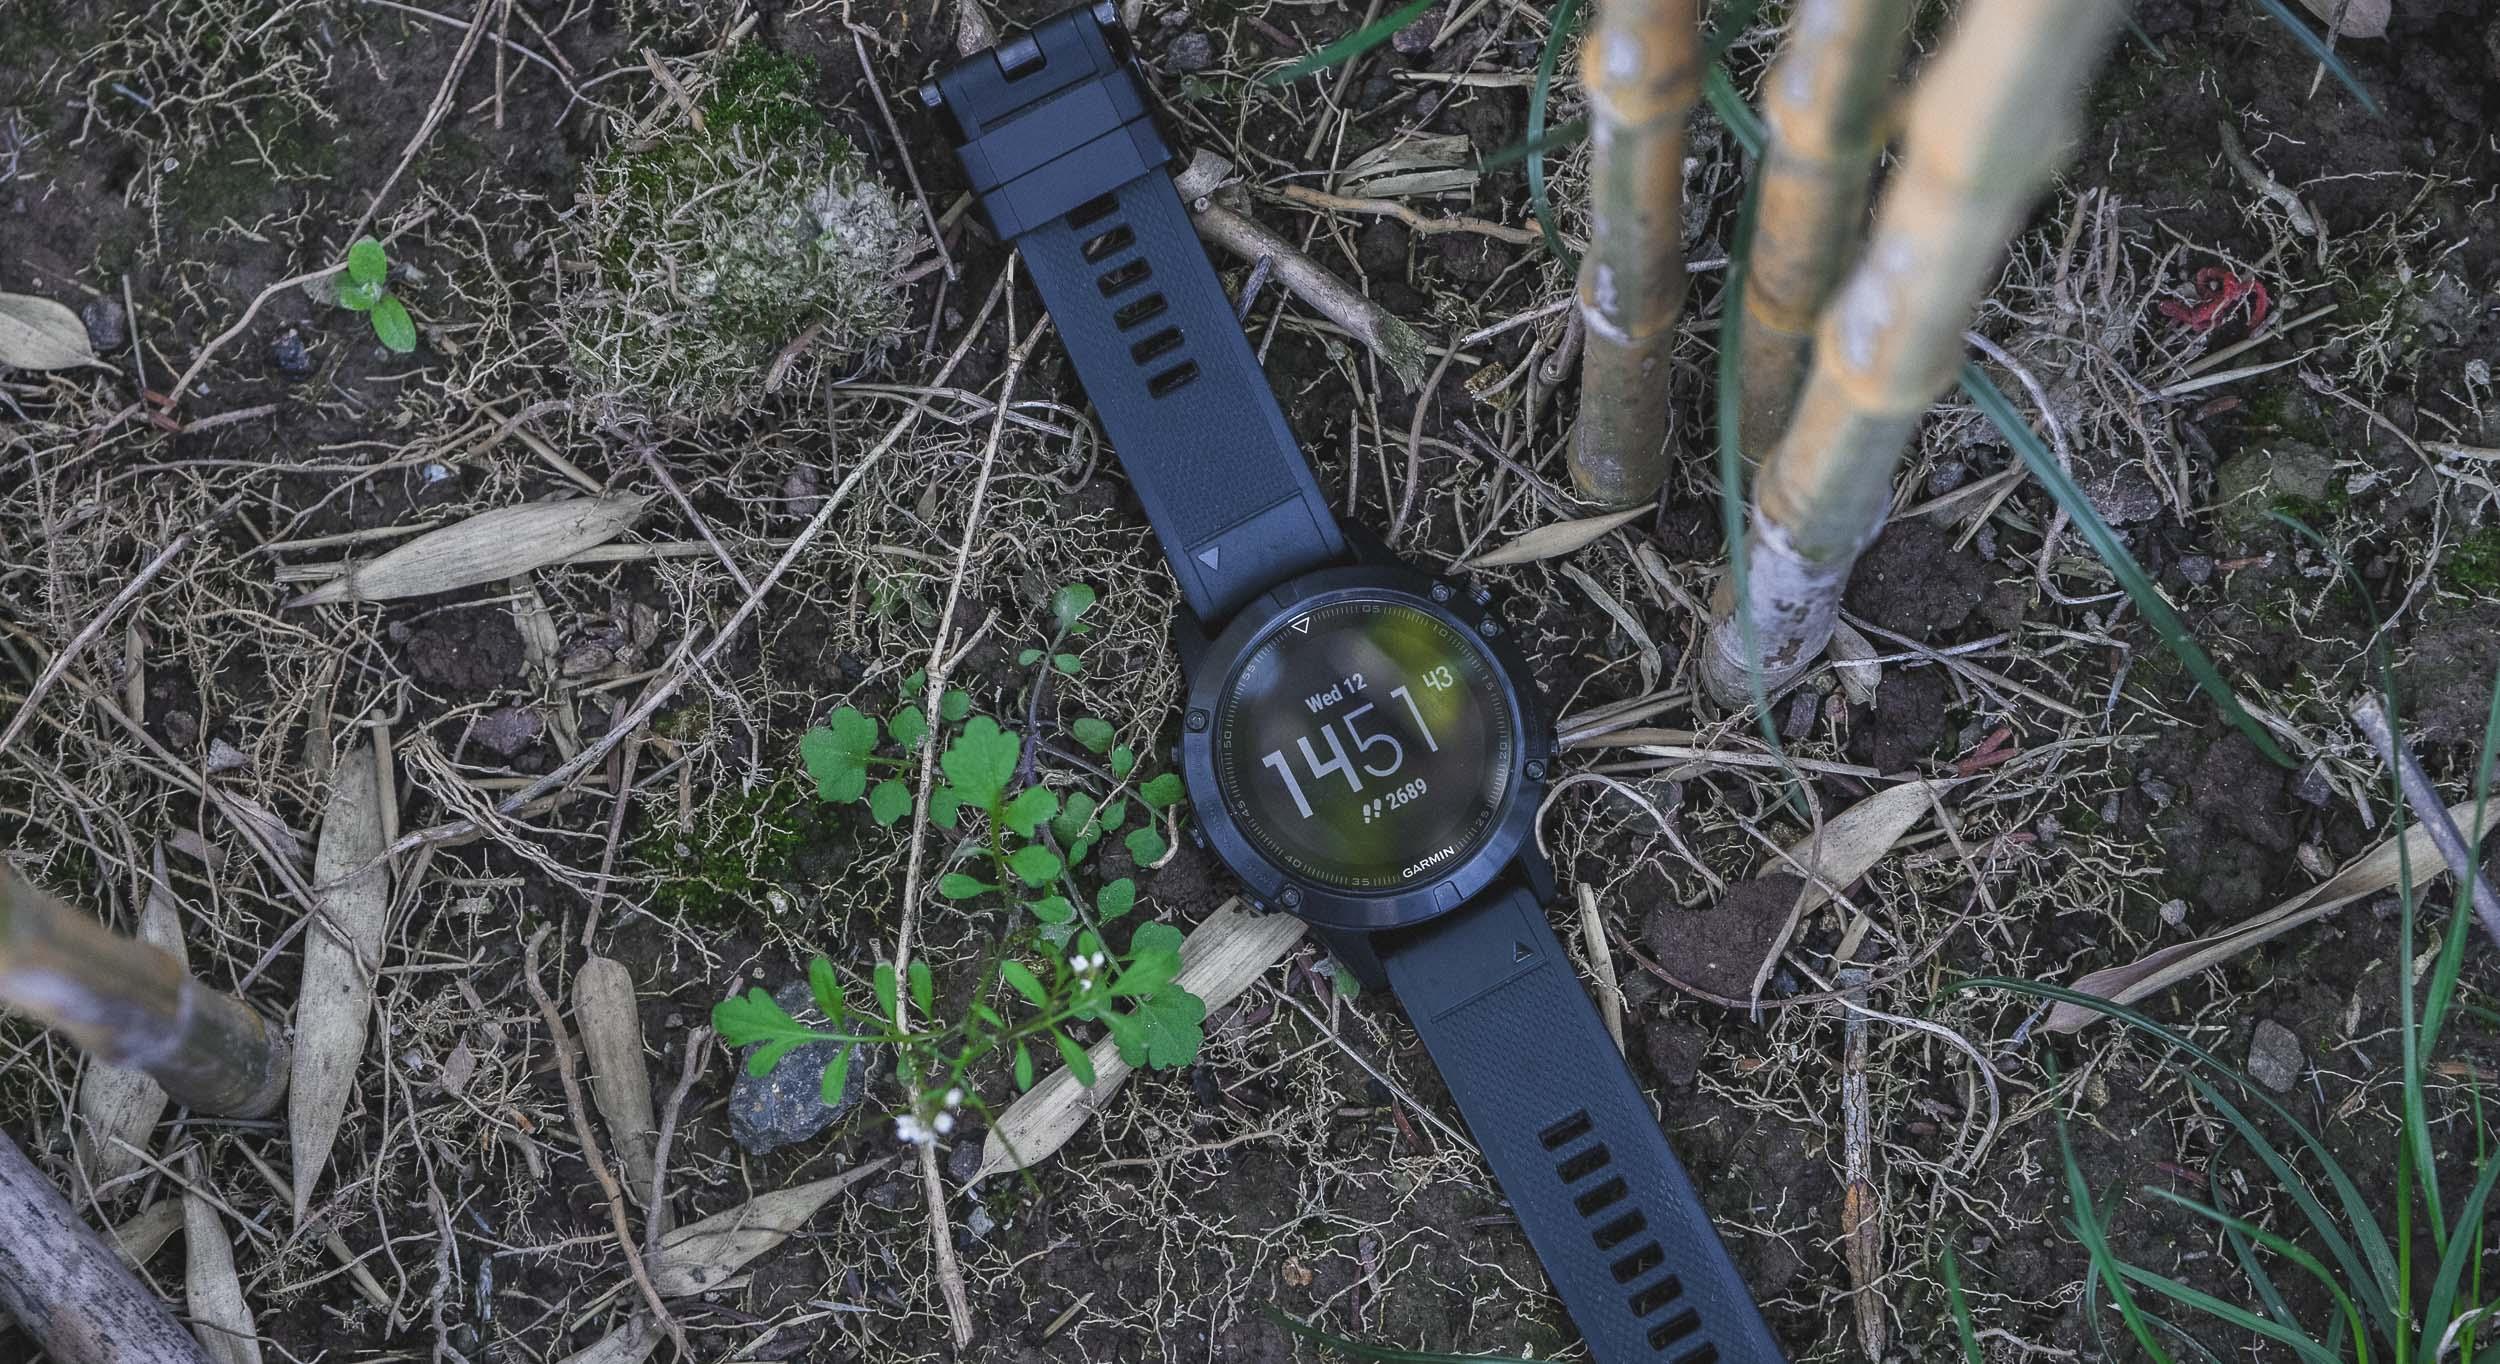 手表   钢铁之躯柔软之心 Garmin Fenix 5深度评测(二)